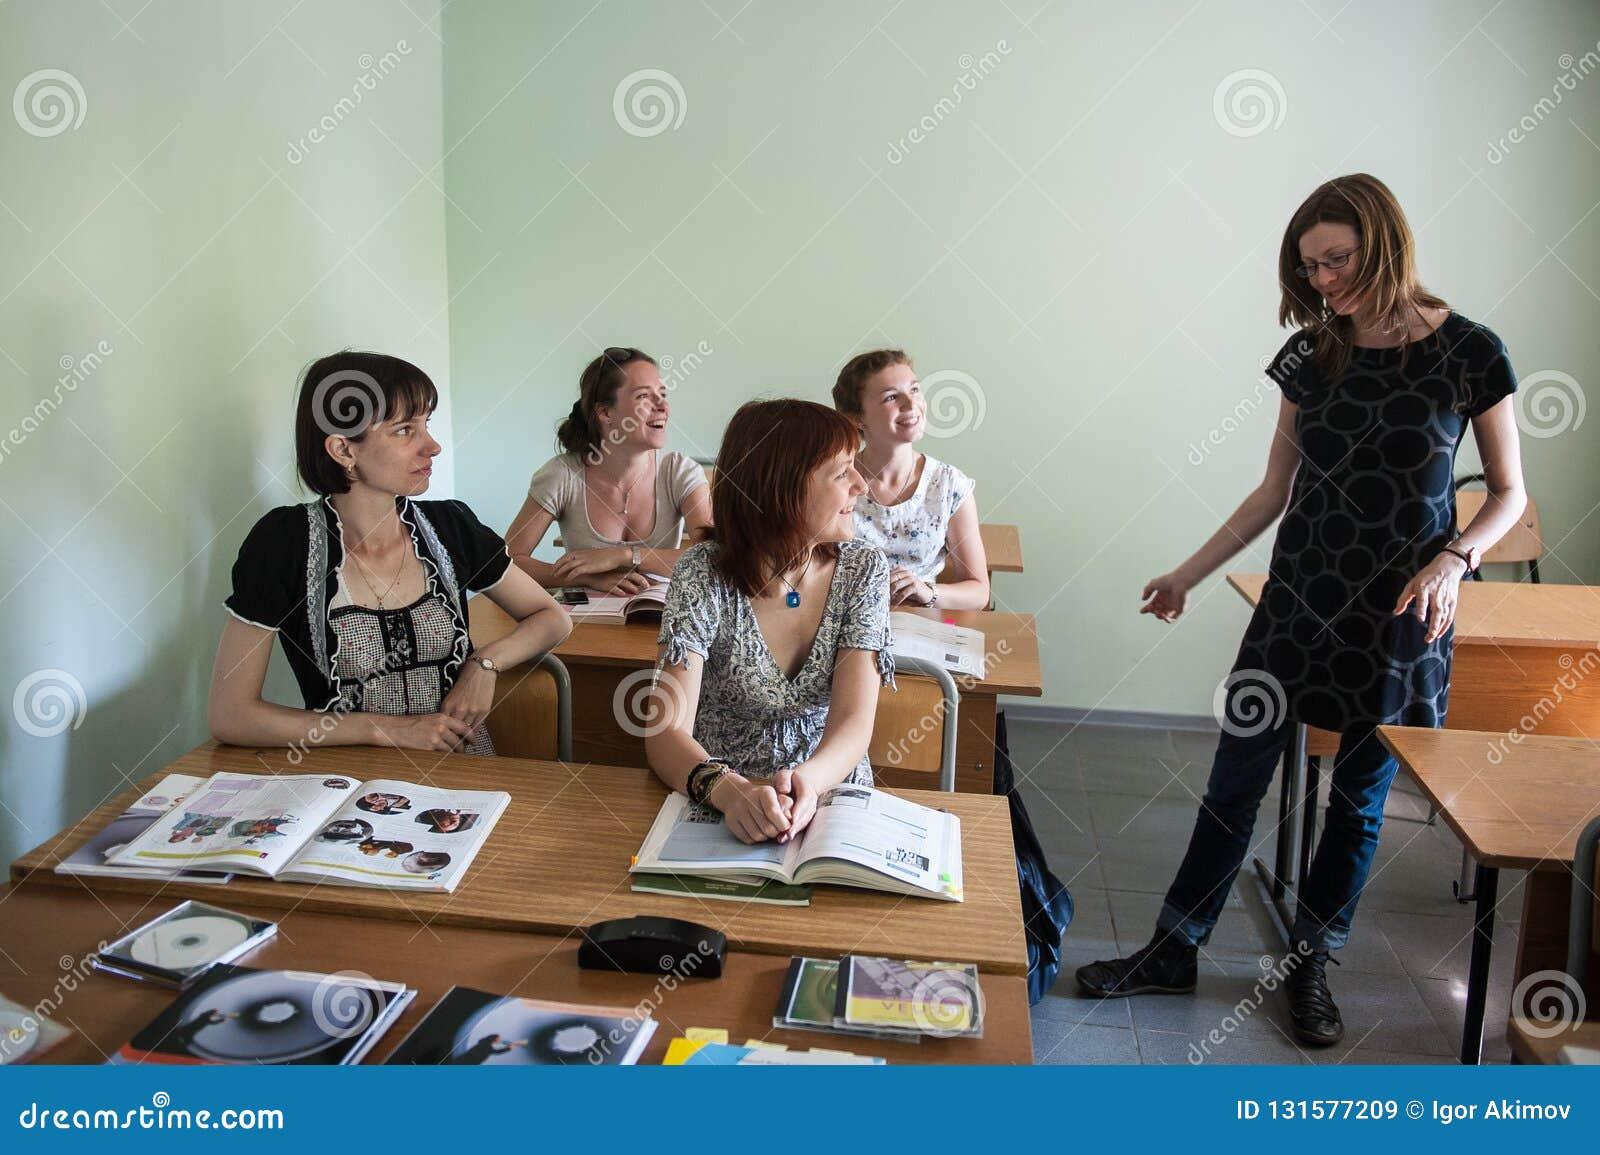 St Petersburg, Russland - 10. Juni 2018: Fremdsprachenlehrer der jungen Frau in einem kleinen Klassenzimmer gibt Studenten eine L